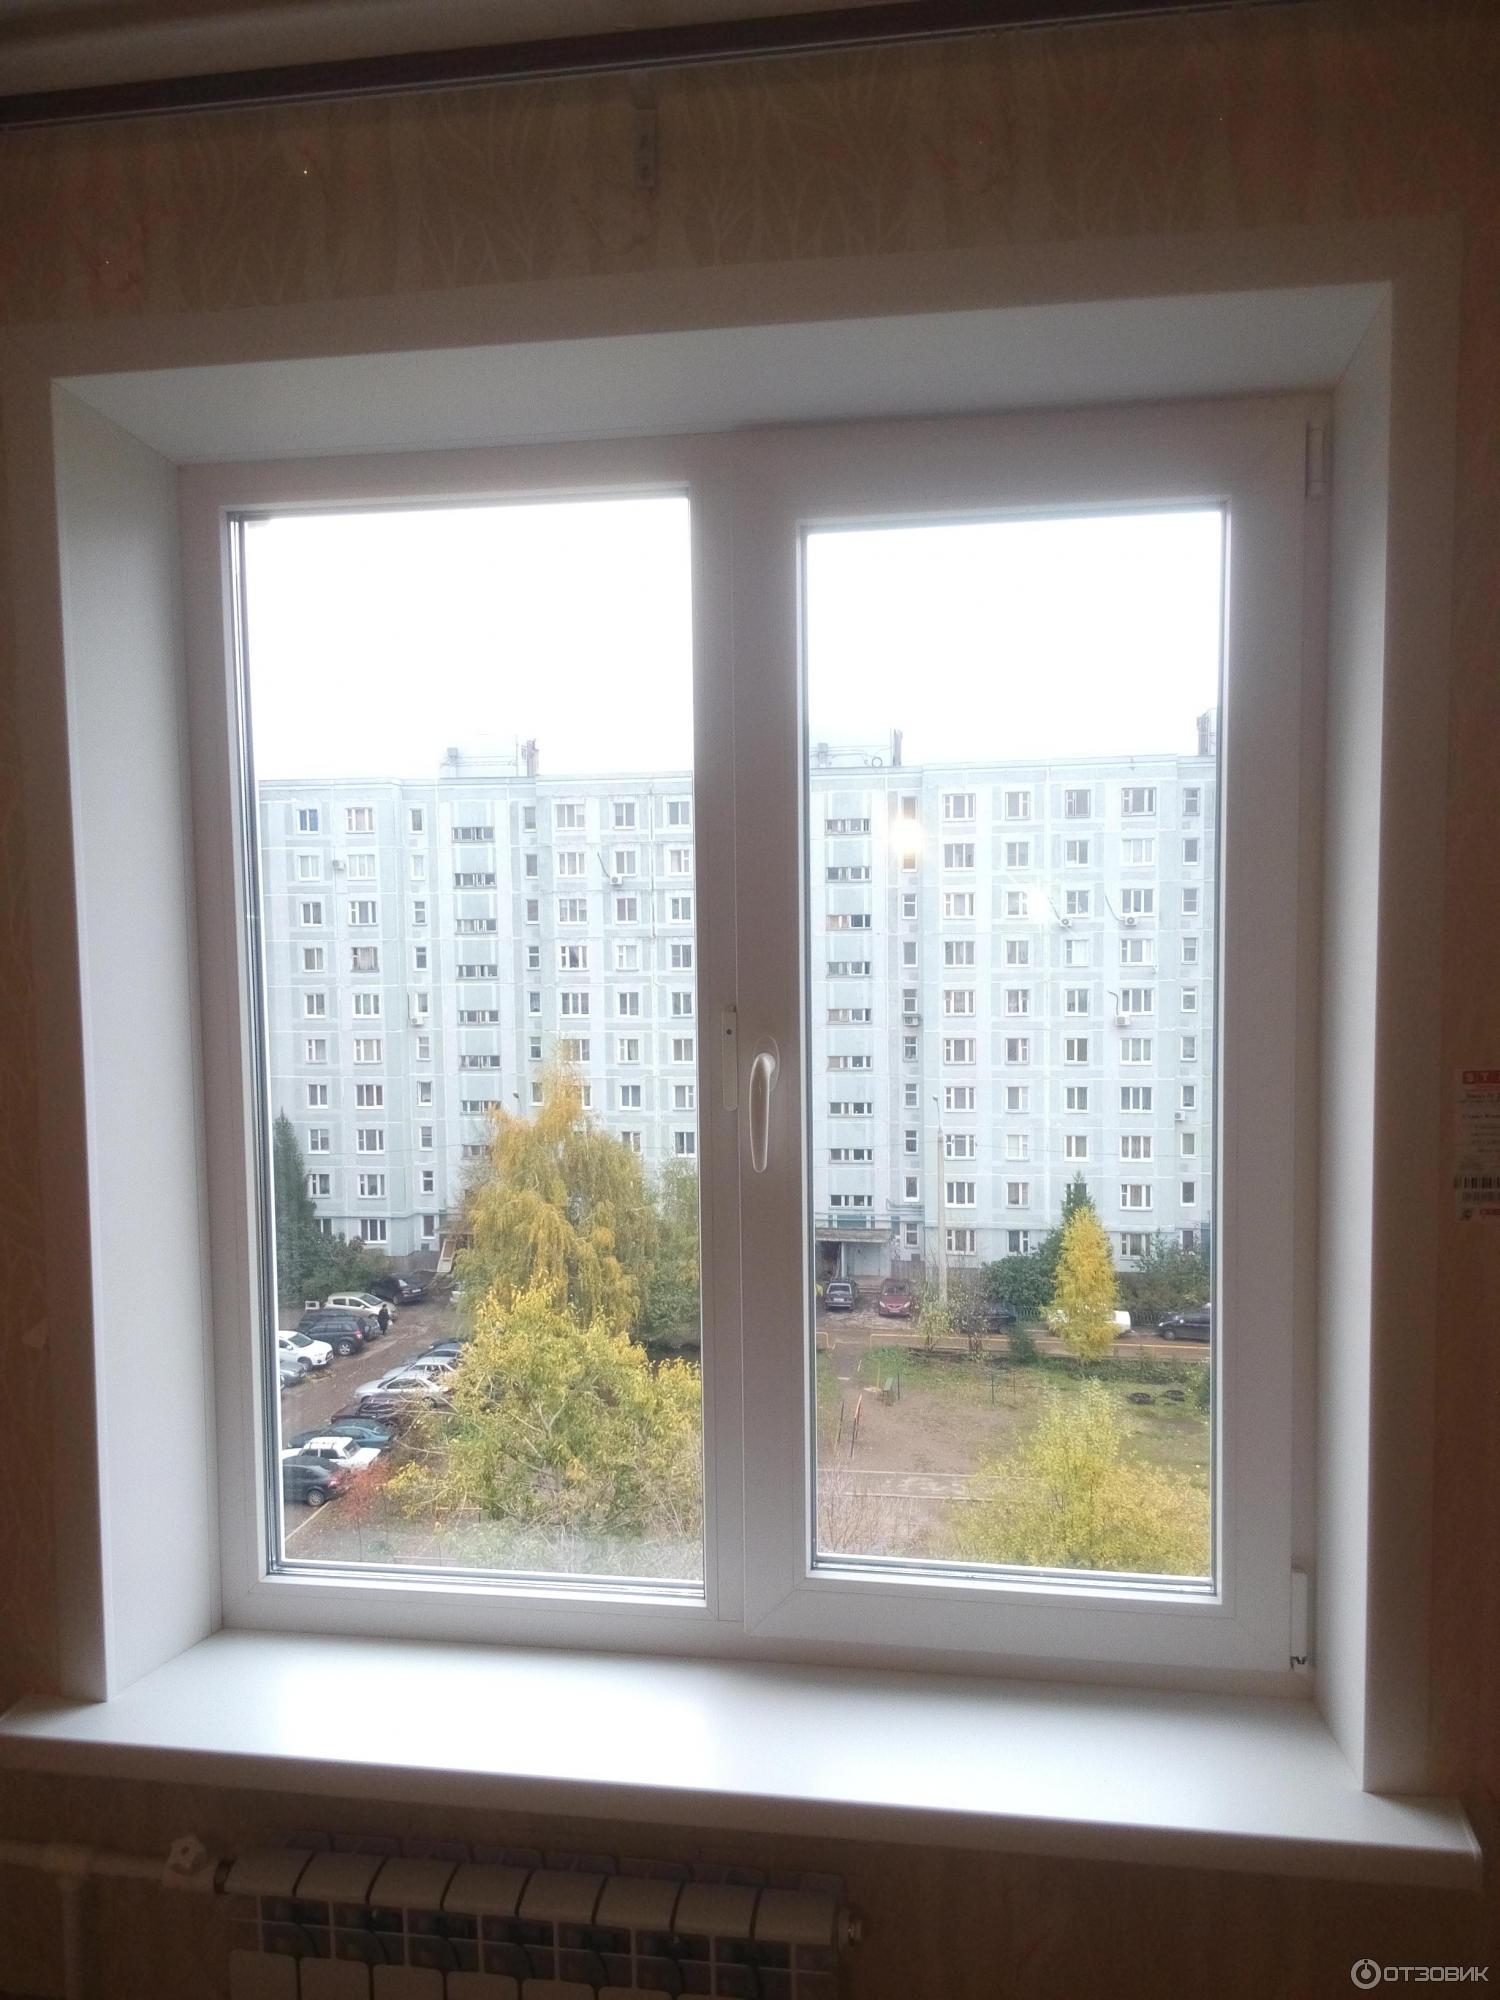 6978494 b Ялта окна VEKA - изготовление и установка окон и дверей